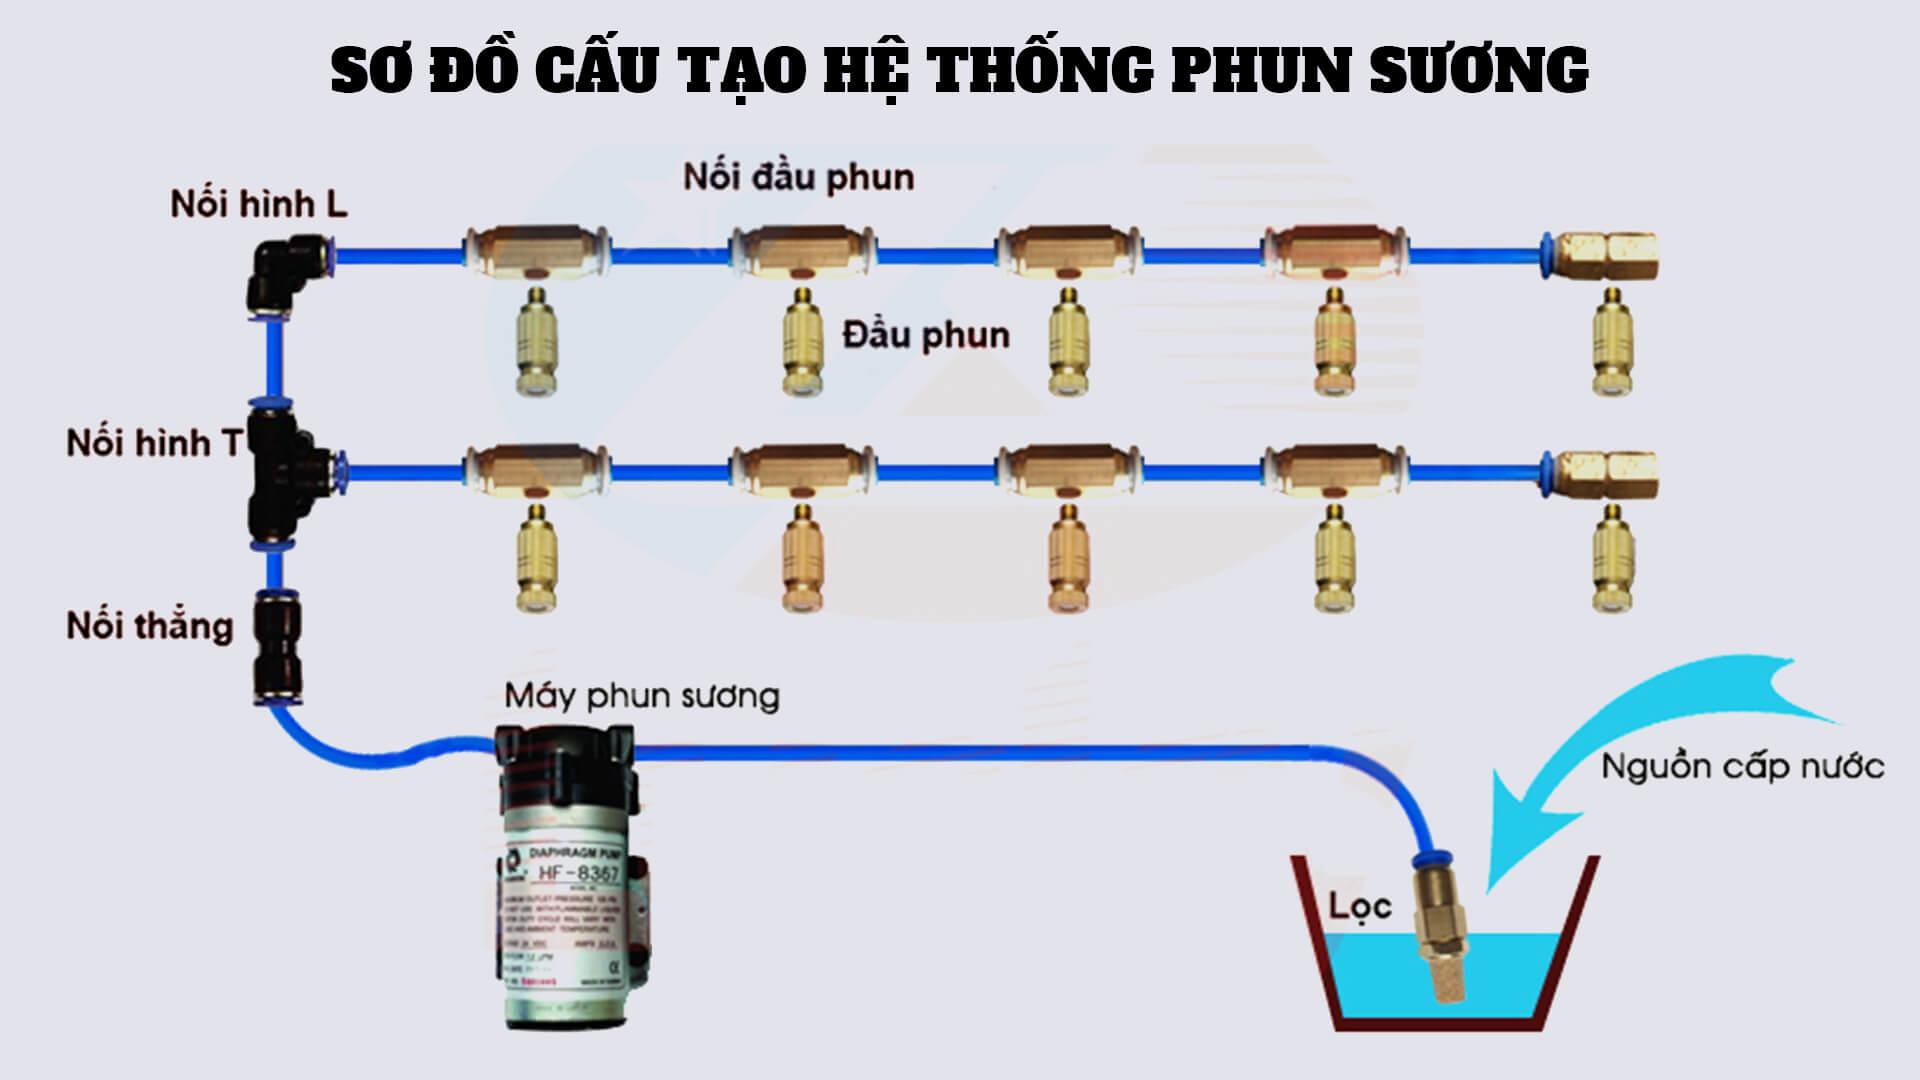 so-do-cau-tao-he-thong-phun-tuoi-suong